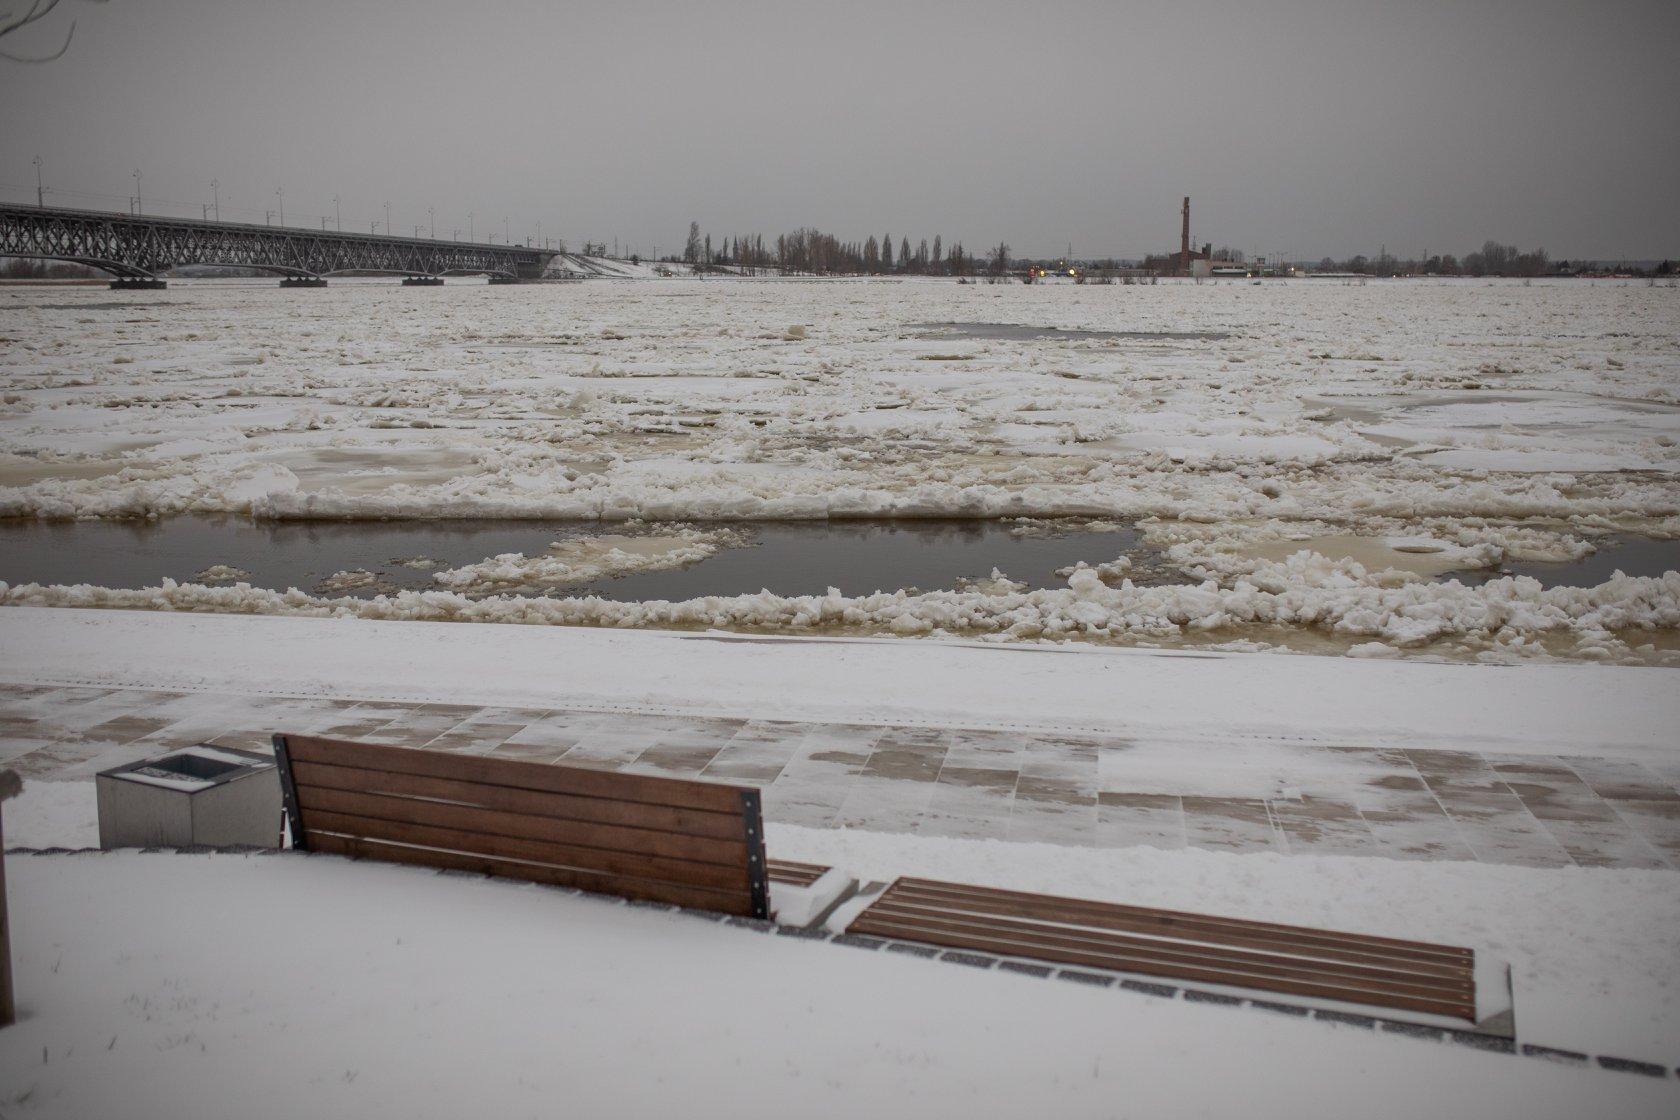 Poziom Wisły w Płocku cały czas rośnie. Stan alarmowy przekroczony na wszystkich wodowskazach - Zdjęcie główne